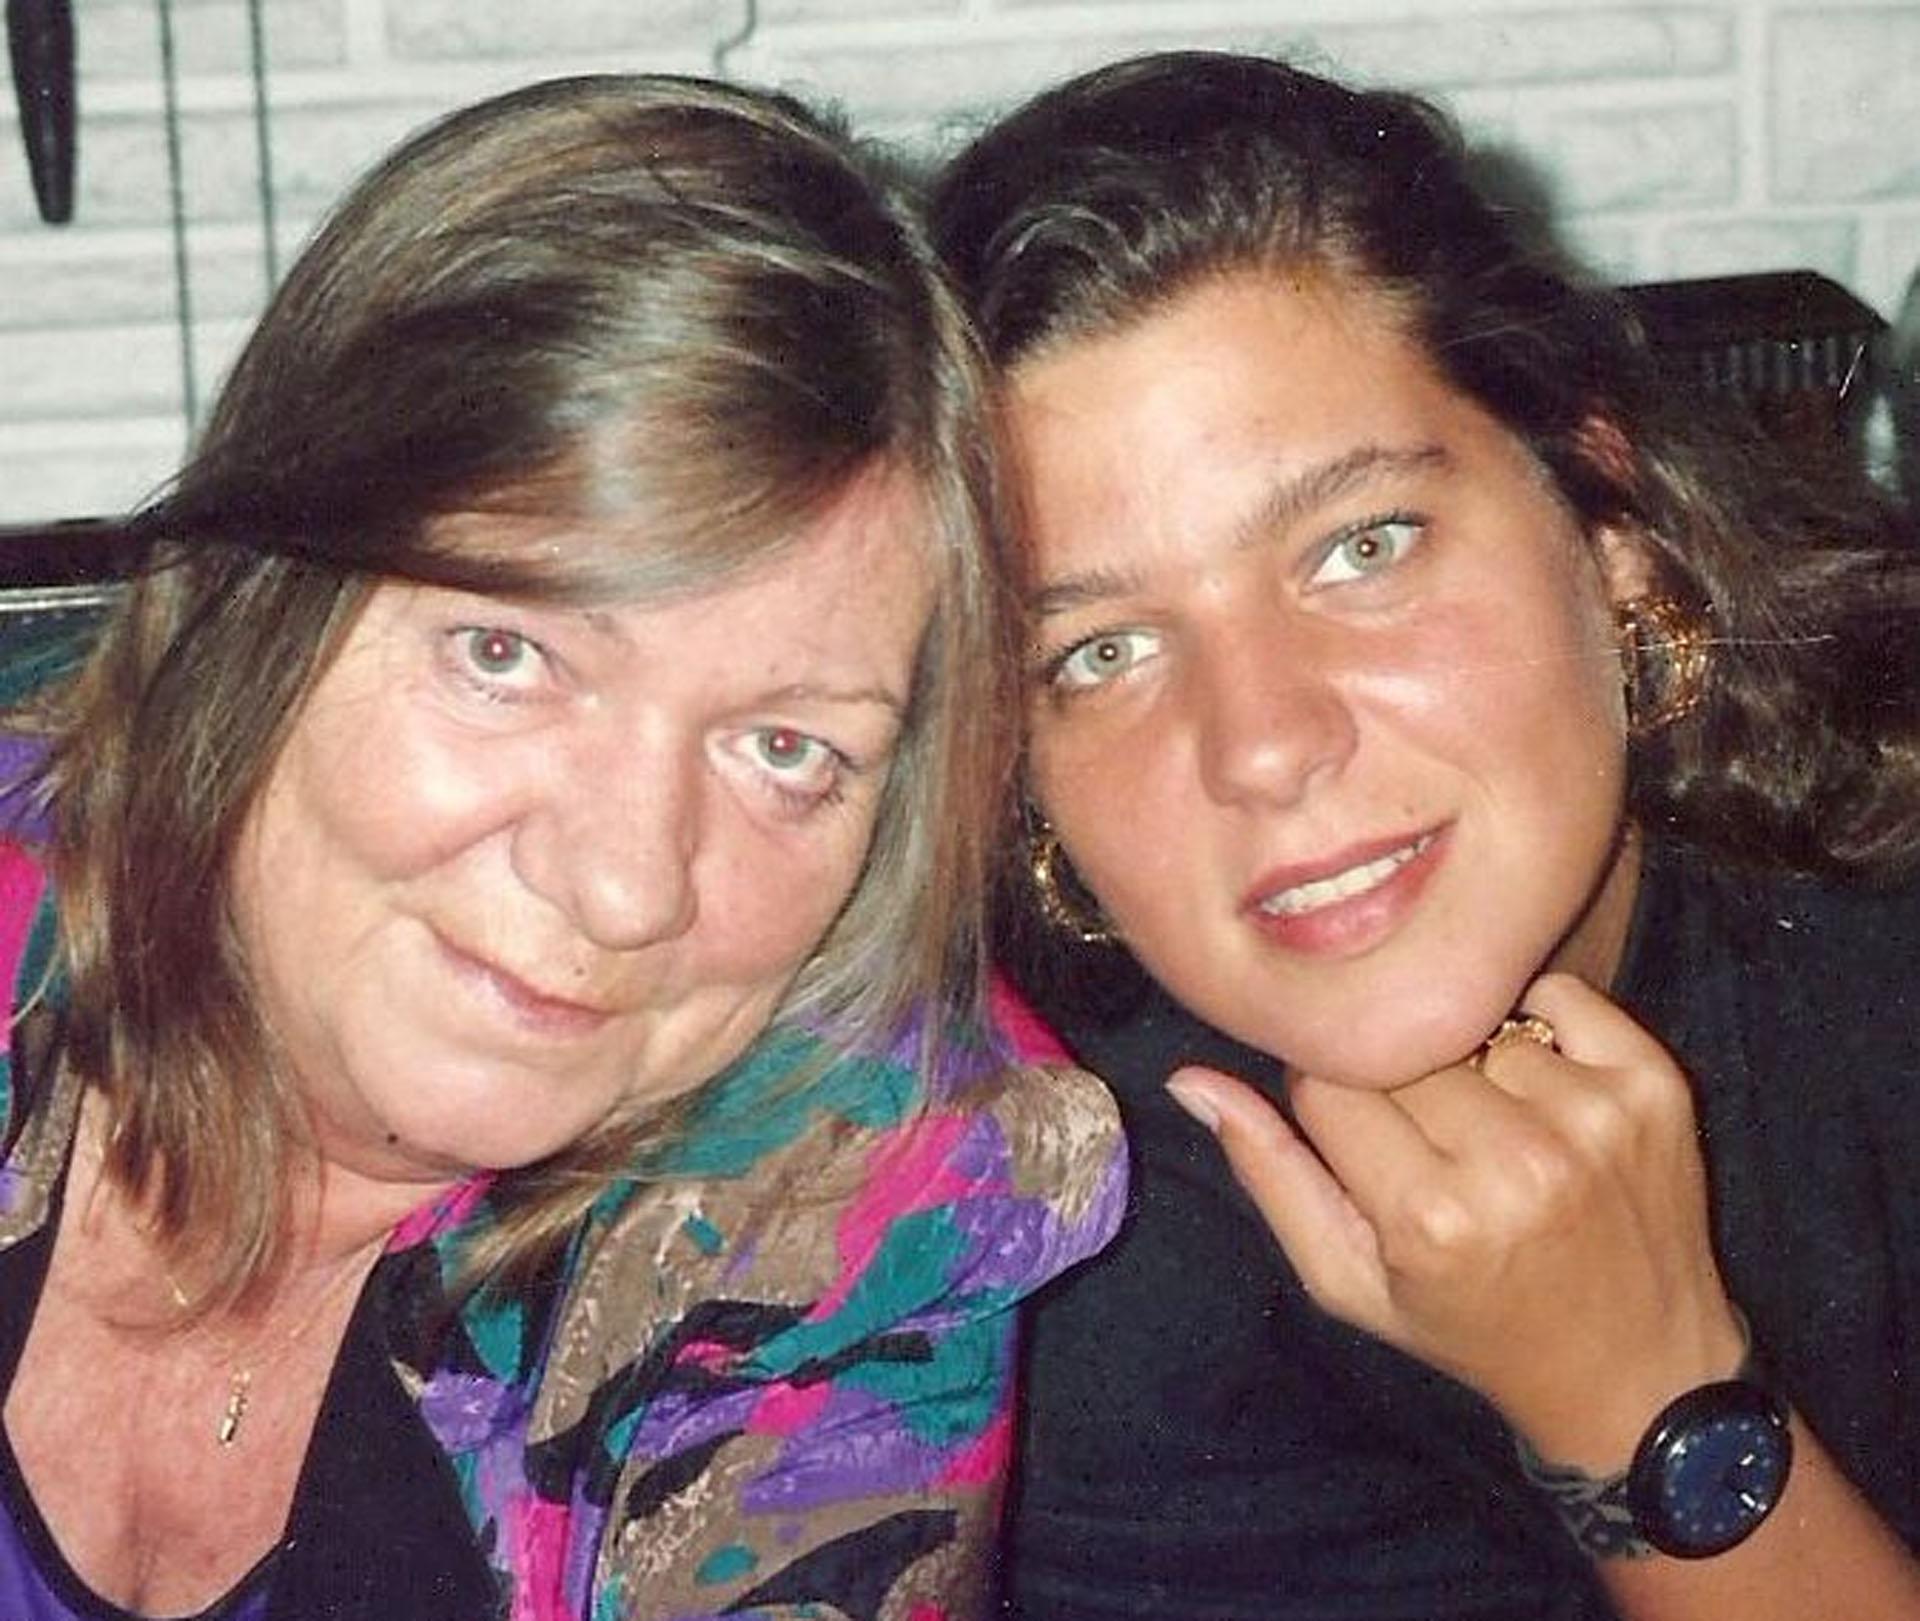 Monika Airborgast junto a su hija Renee Cormillot